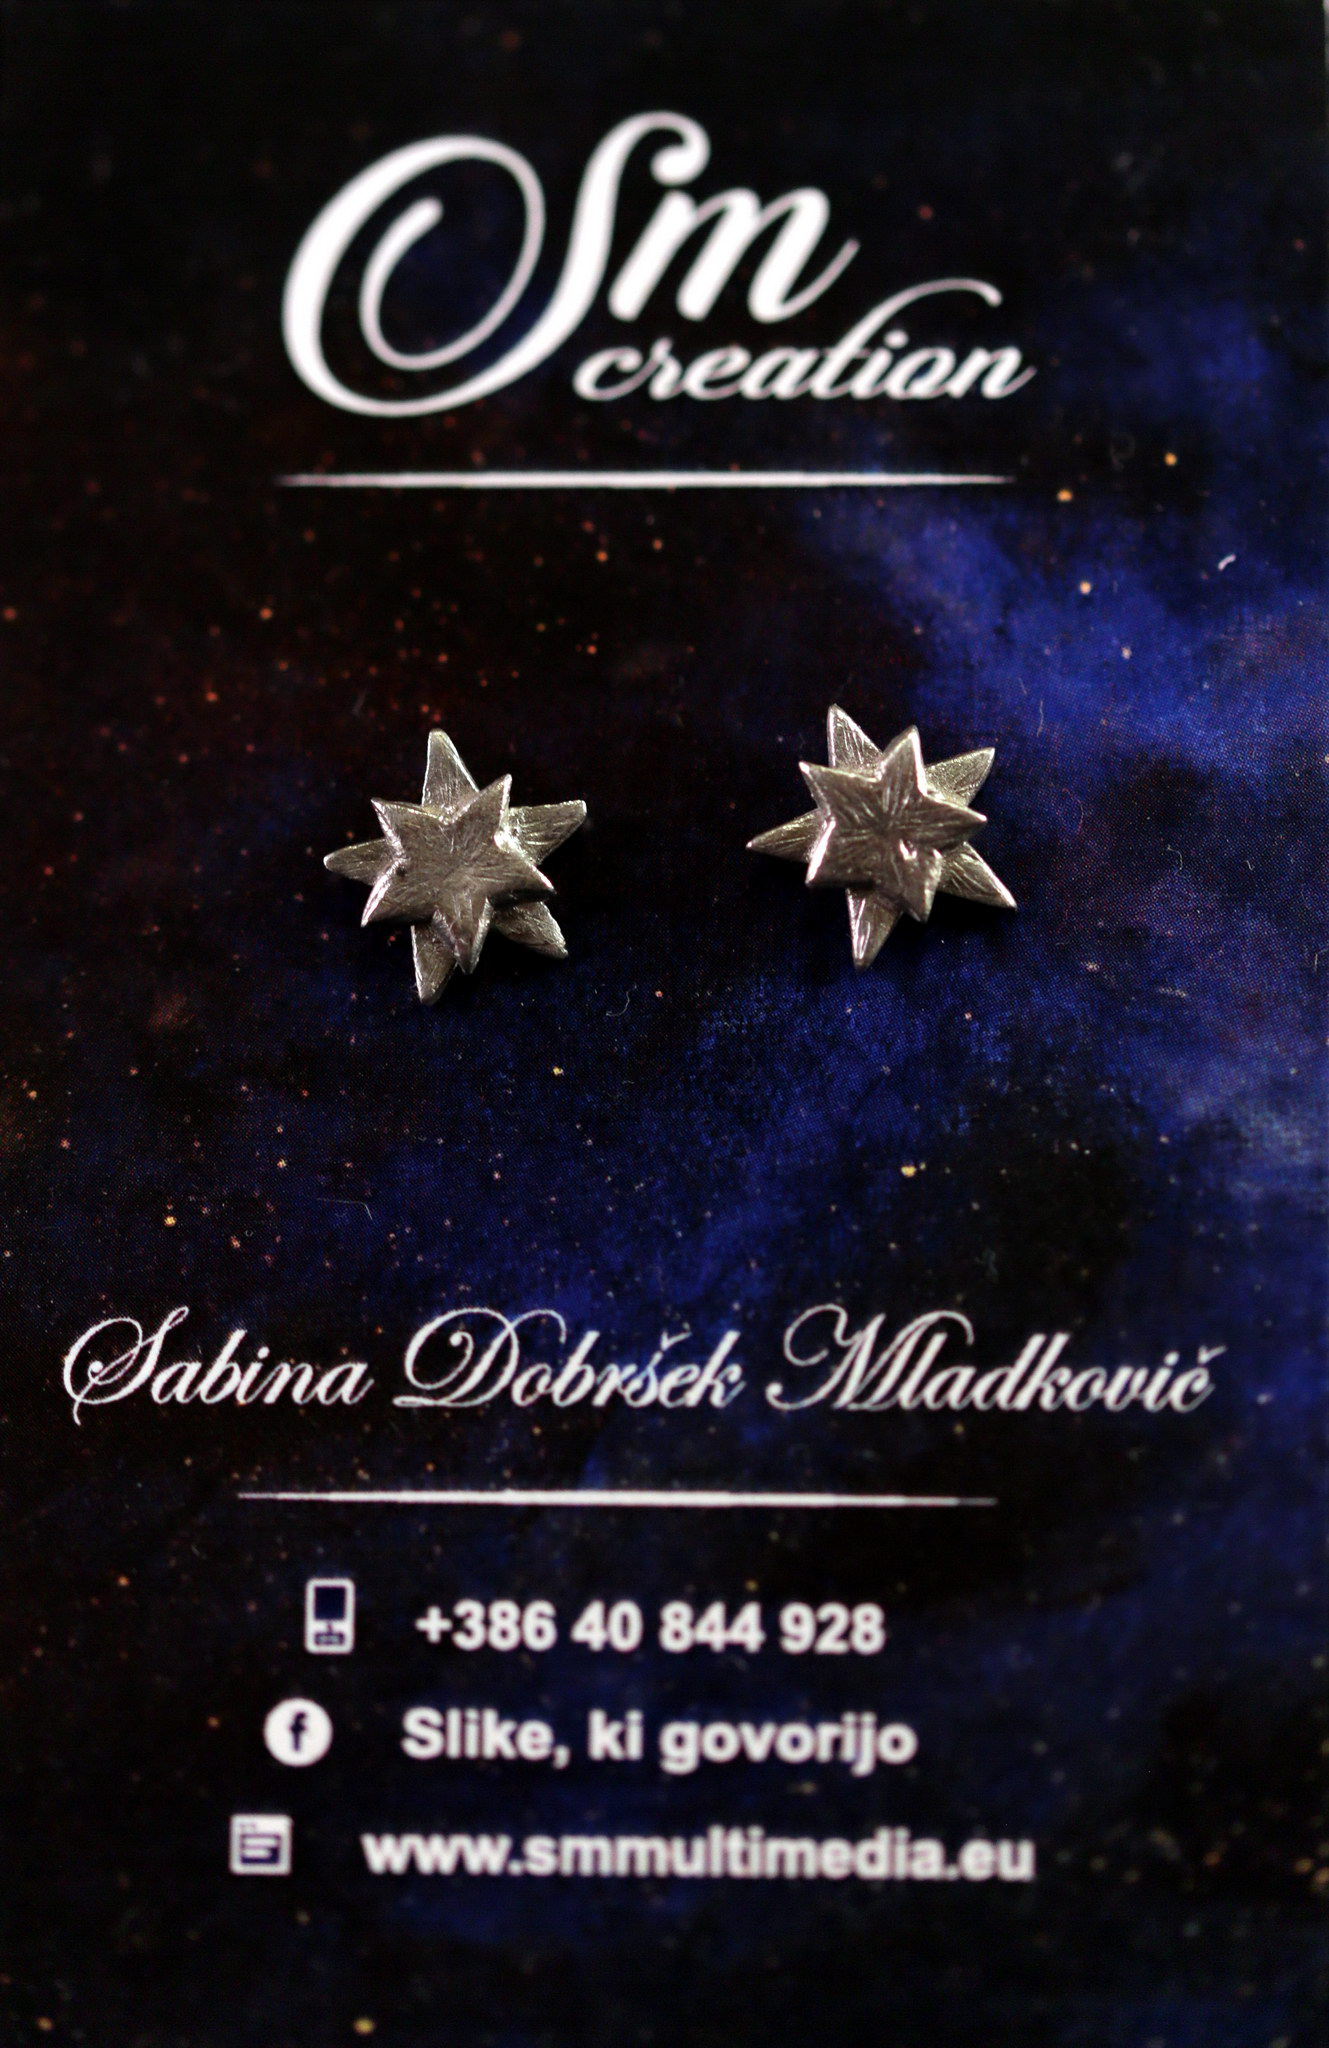 Sabina Dobrsek Mladkovic